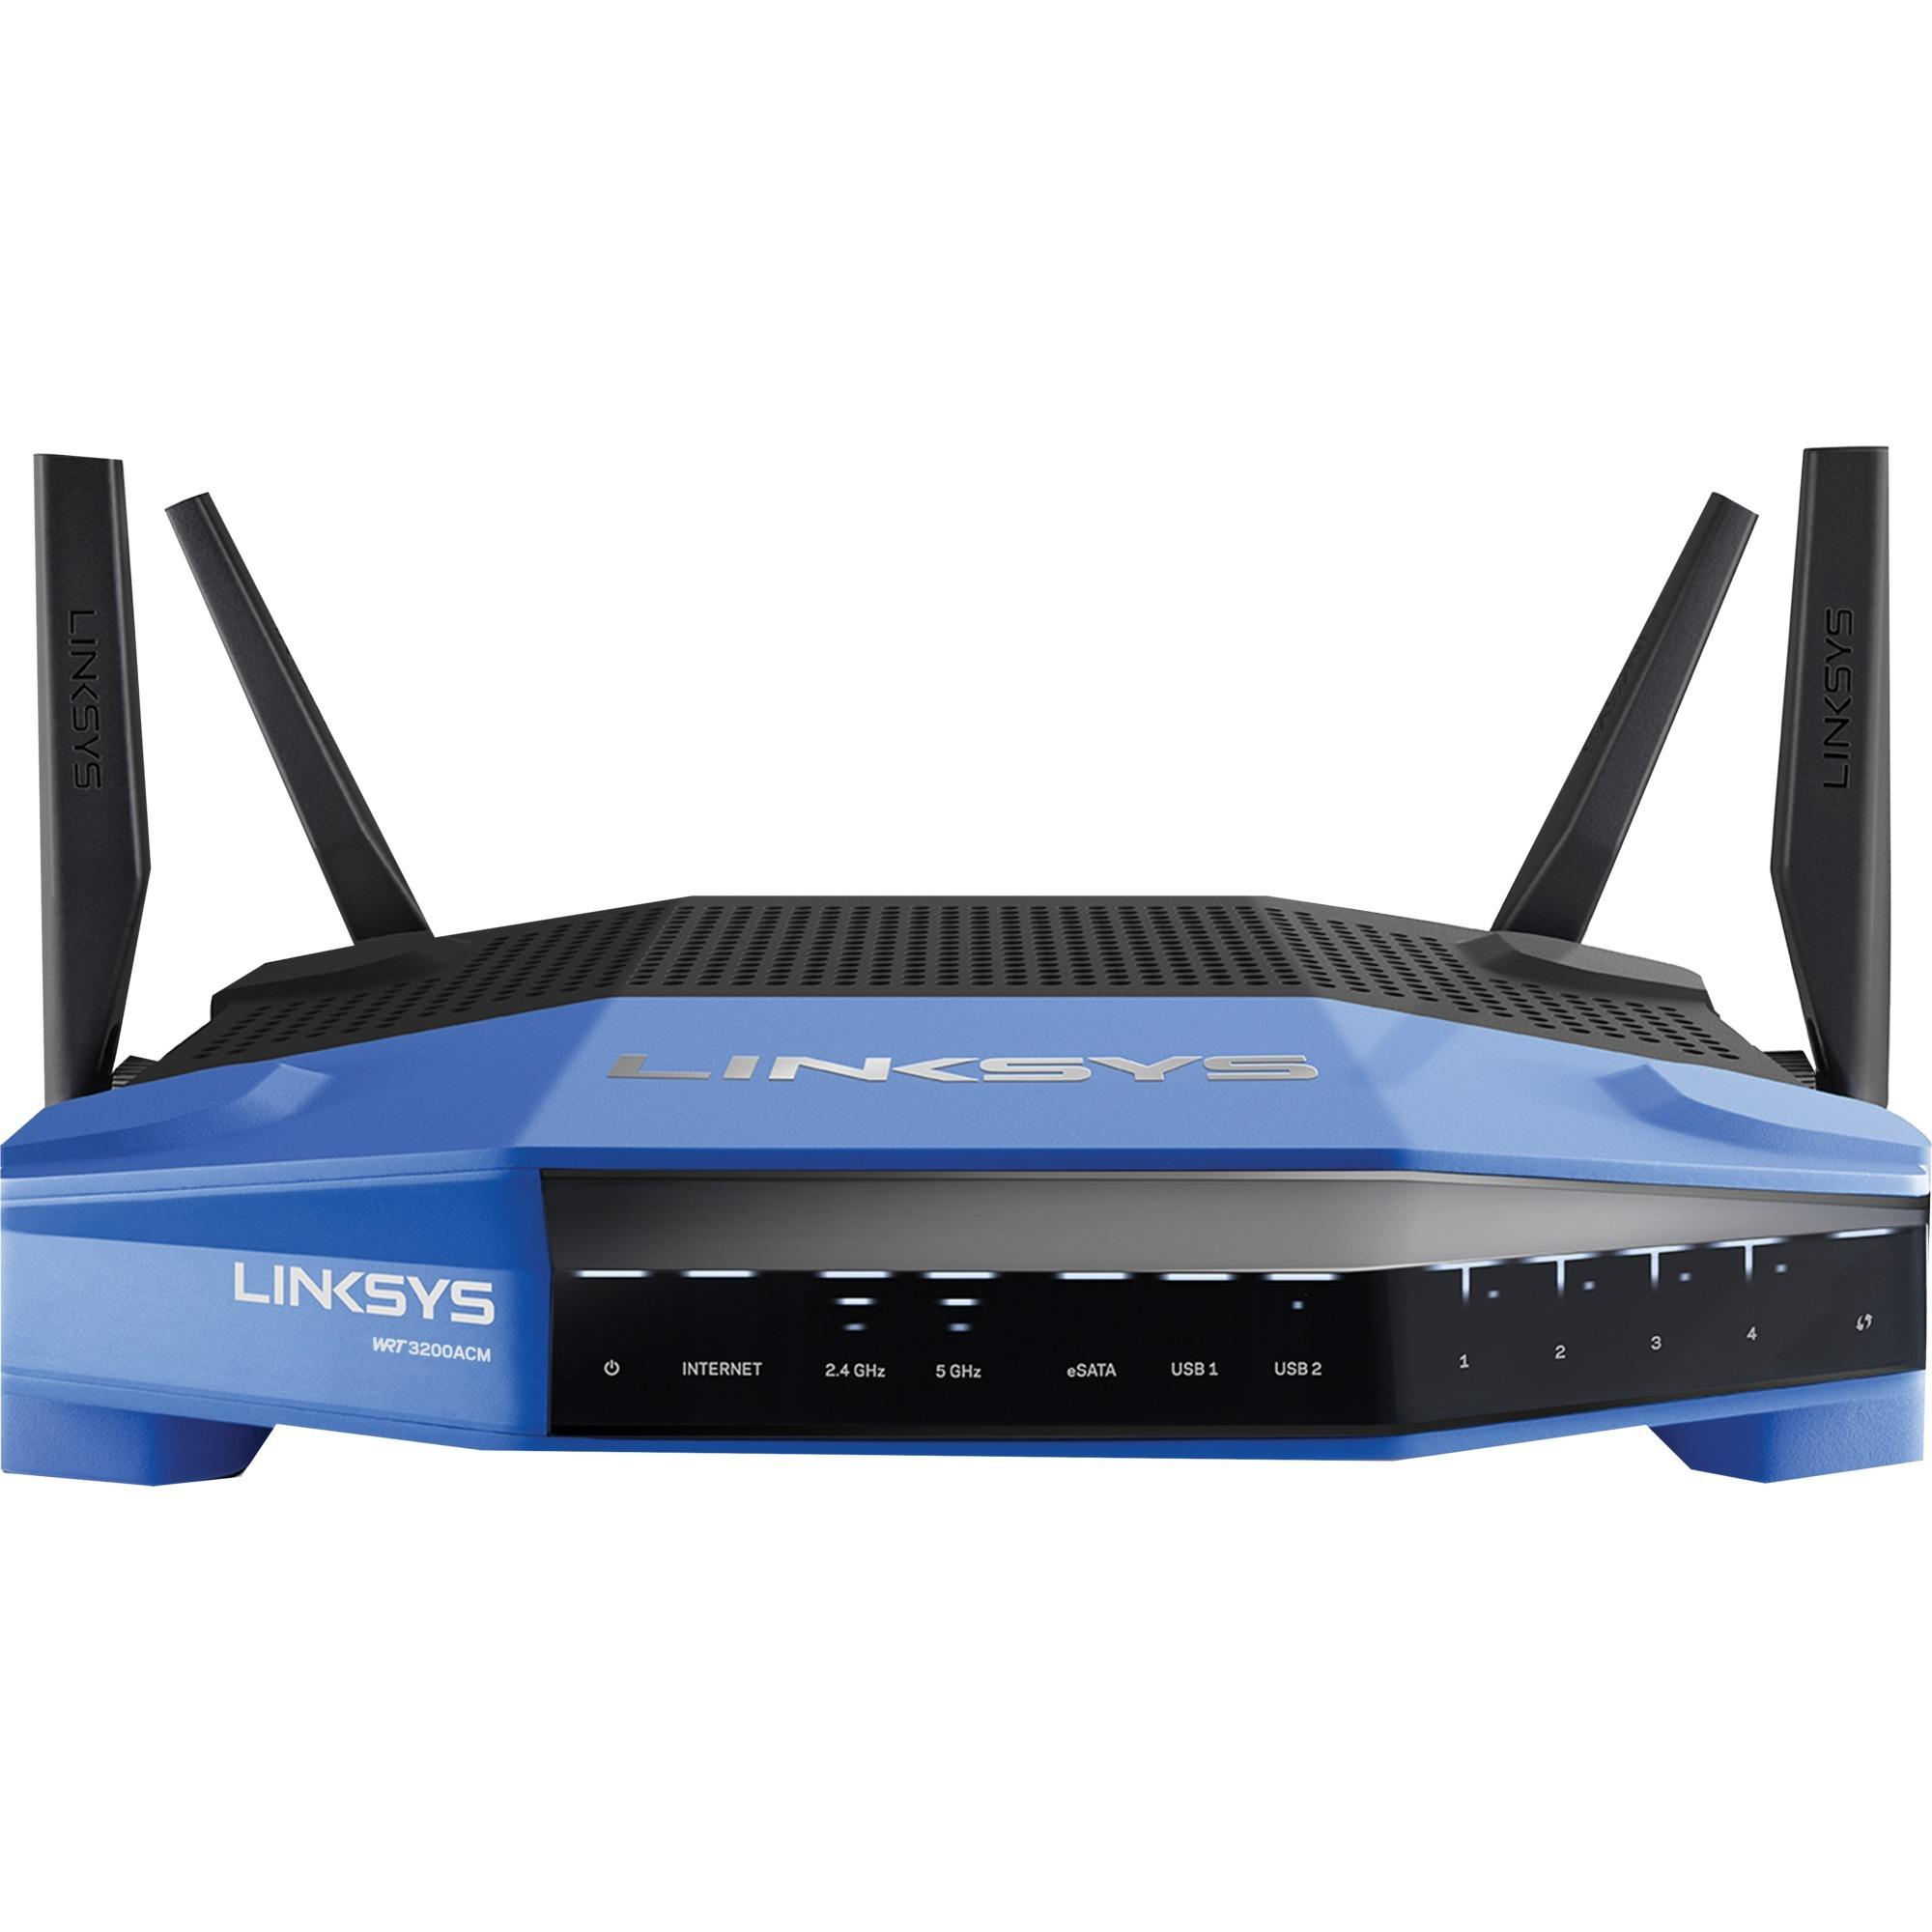 WRT3200ACM Bi-bande (2,4 GHz / 5 GHz) Gigabit Ethernet Noir, Bleu routeur sans fil